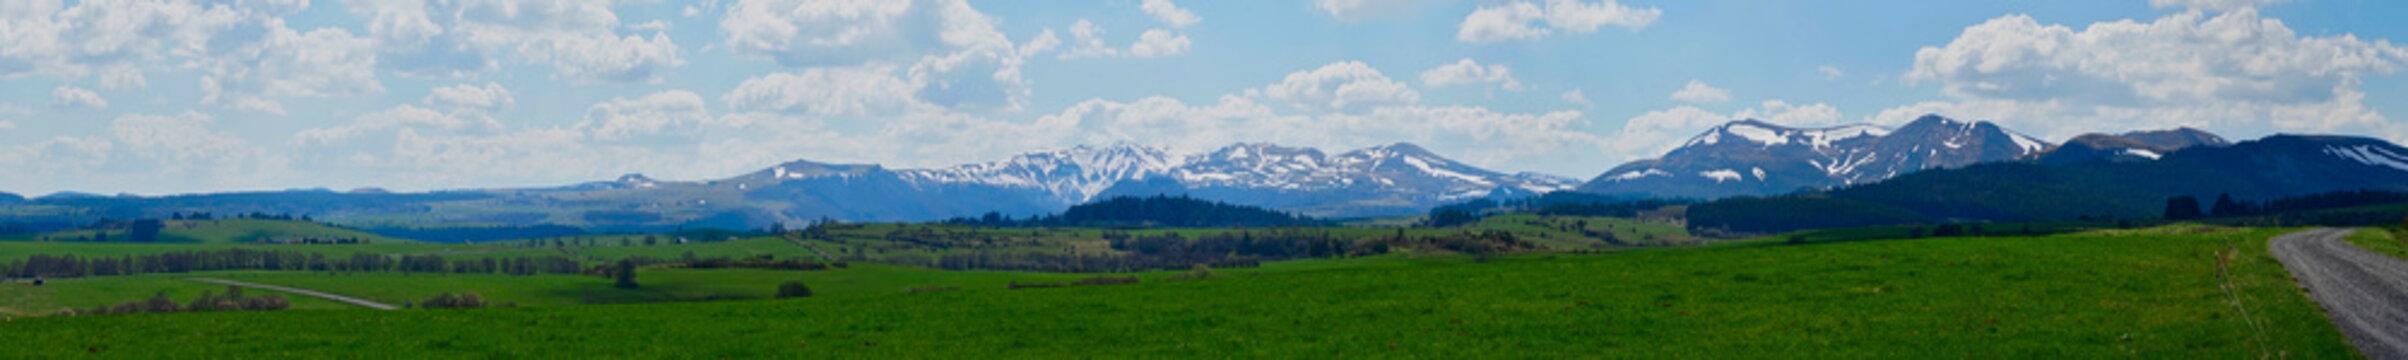 Chaîne des Puys du Sancy au printemps. Prise de vue panoramique